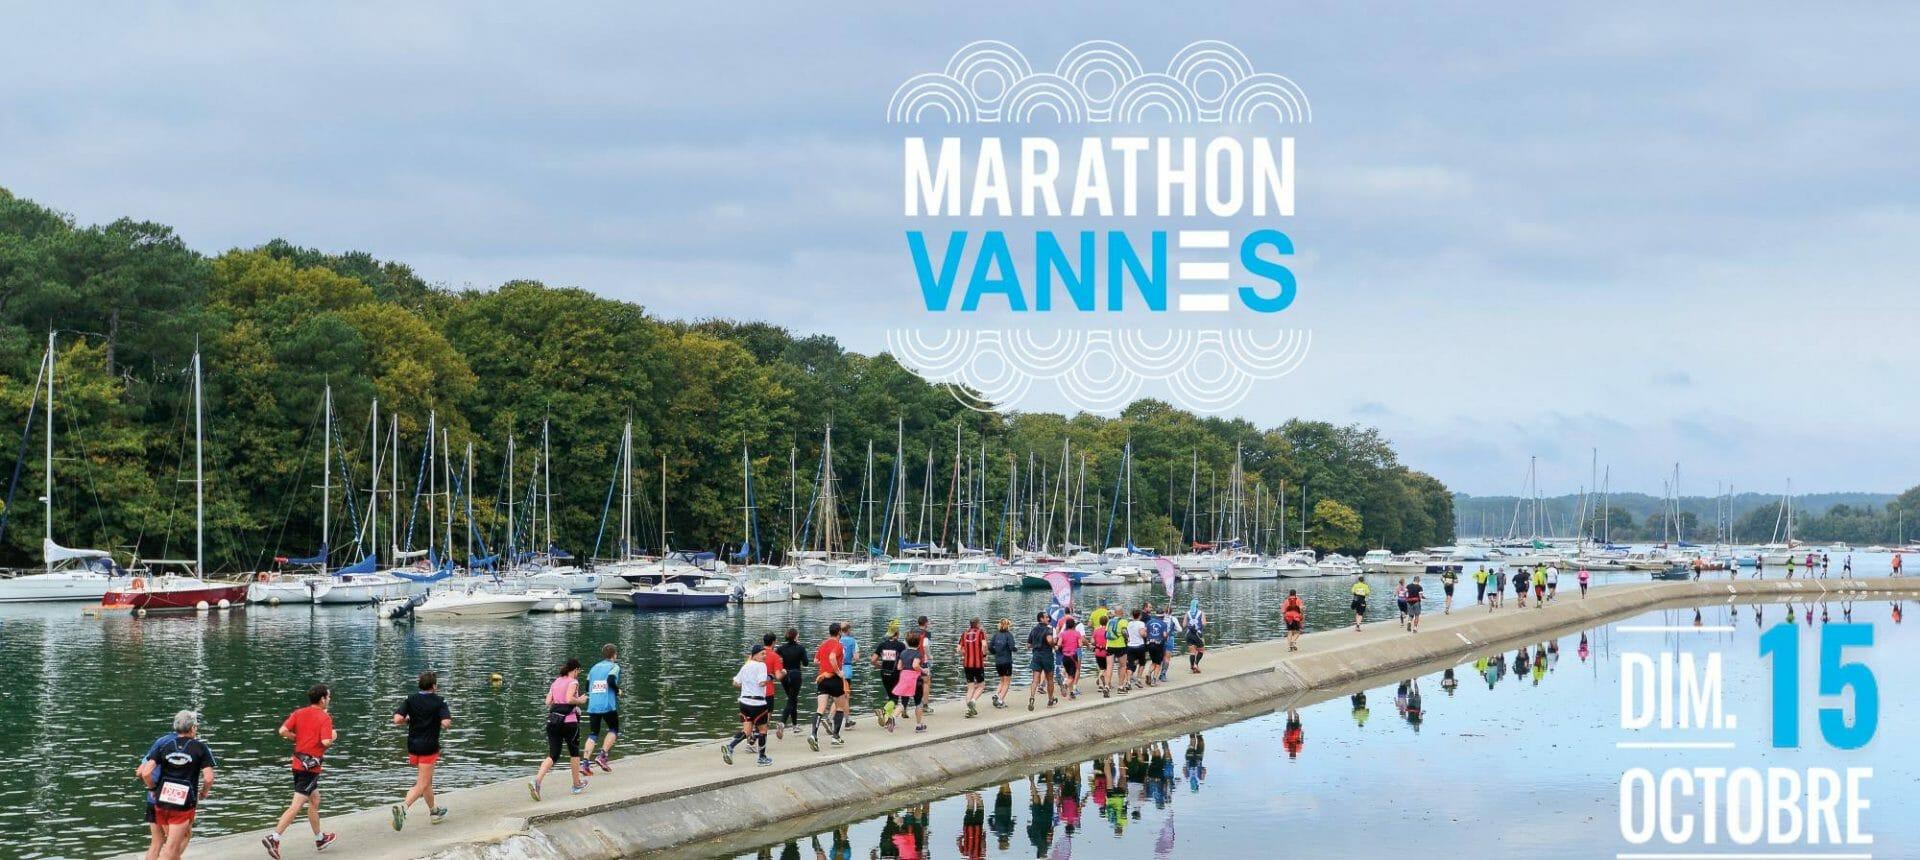 Marathon de Vannes, 18 octobre 2020